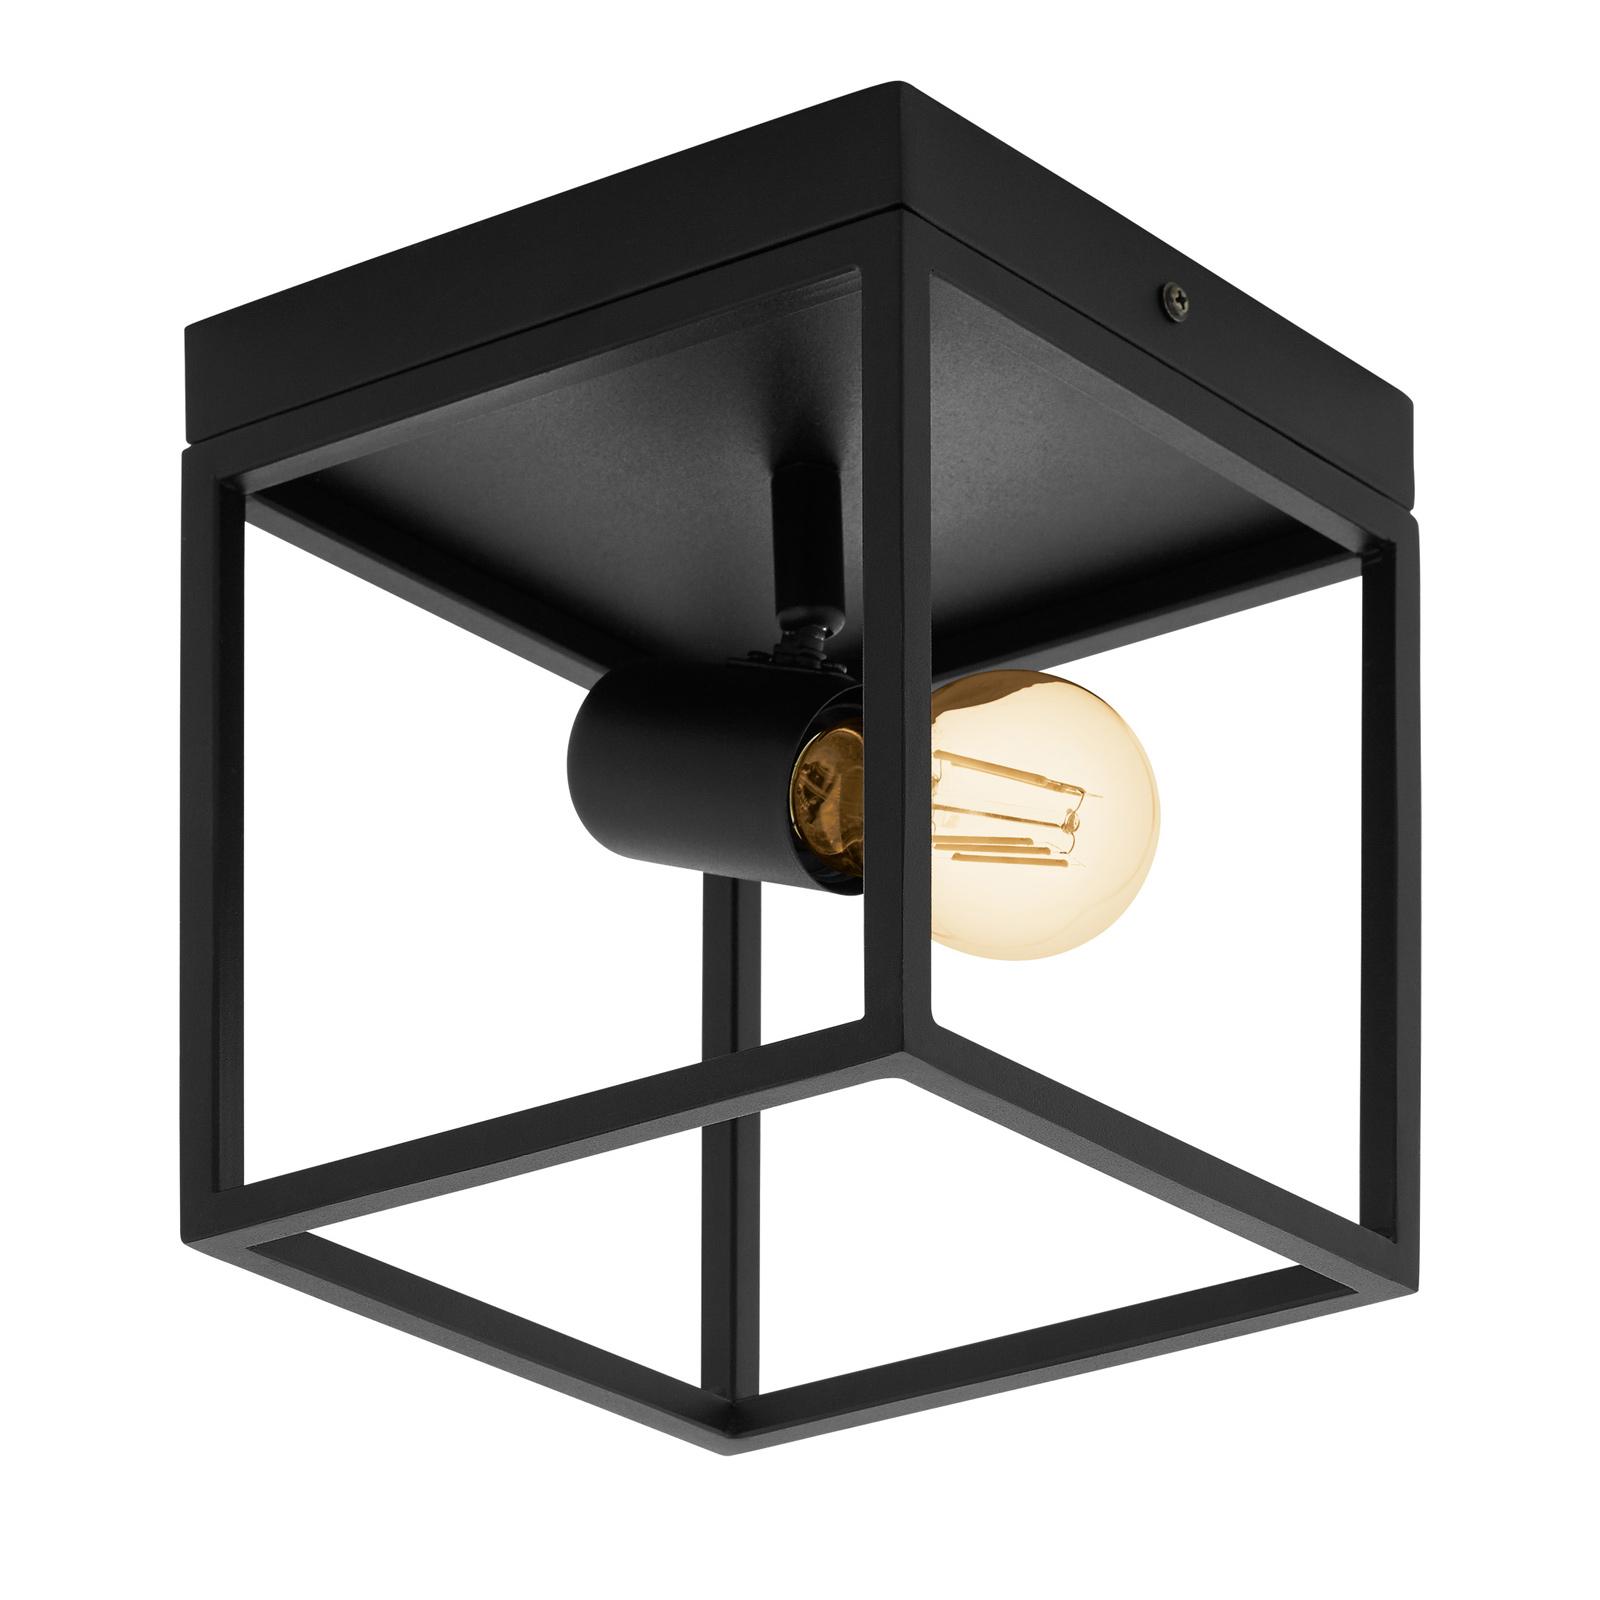 Deckenlampe Silentina einflammig, 18x18cm